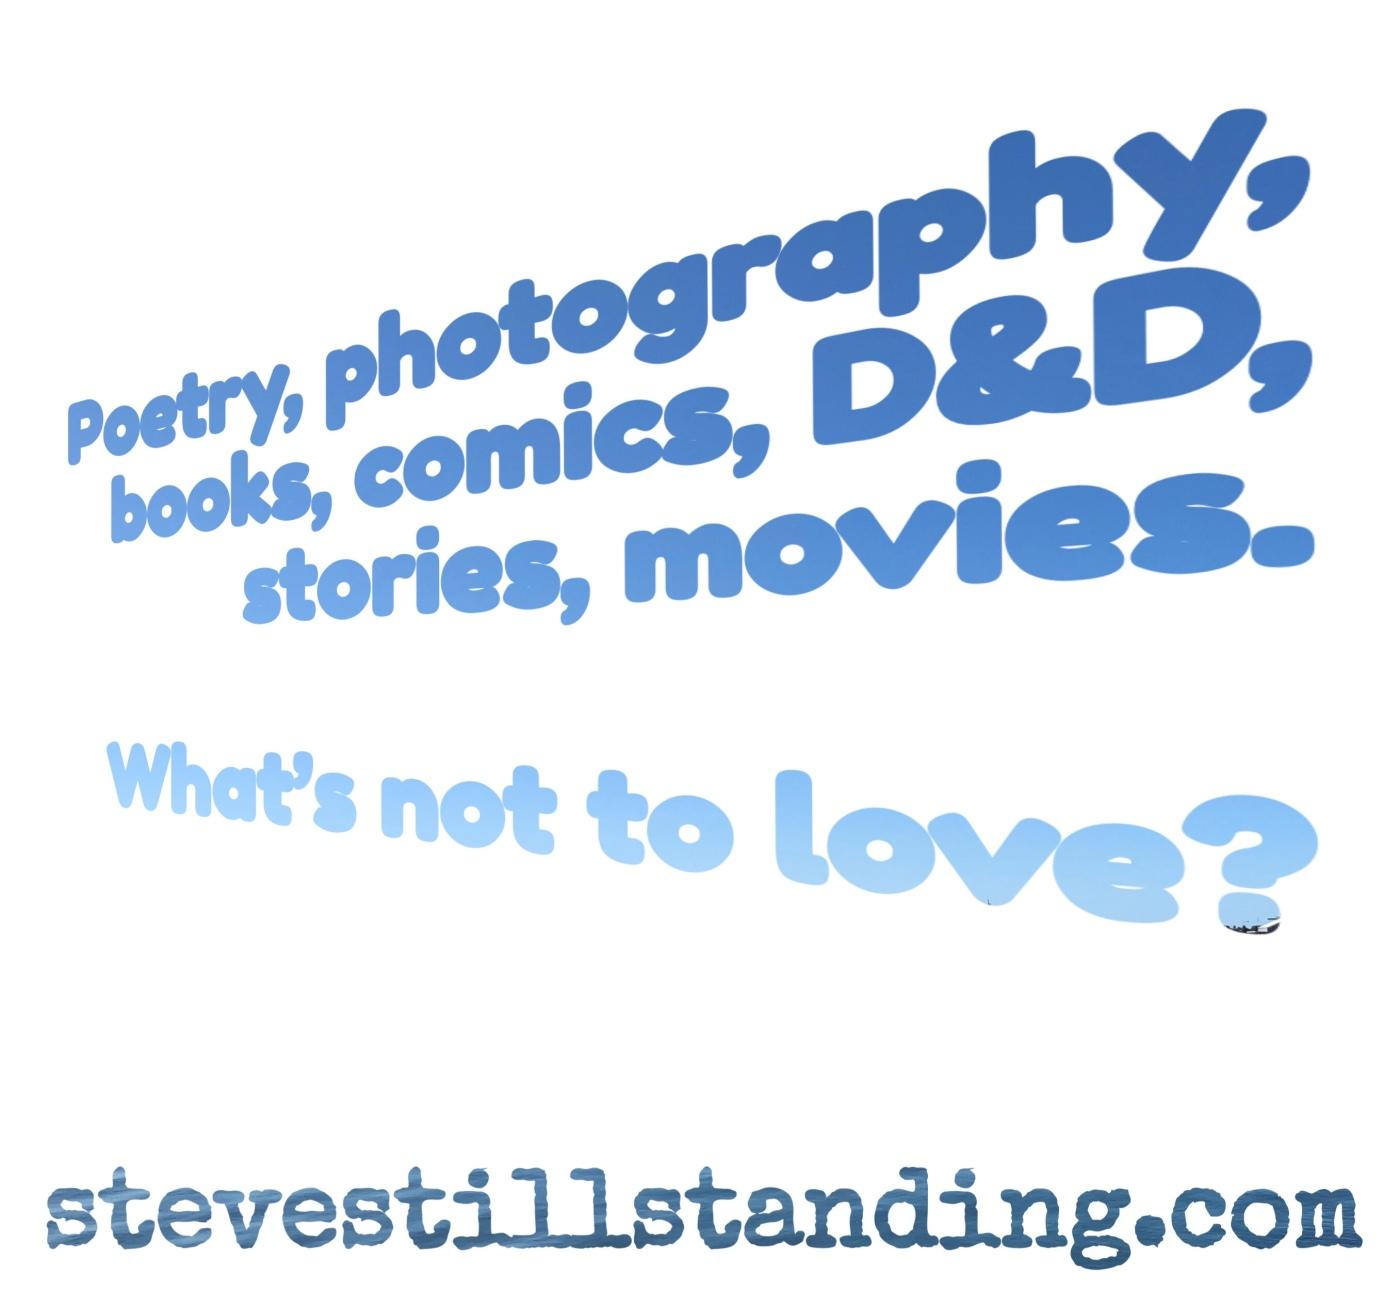 stevestillstanding.com